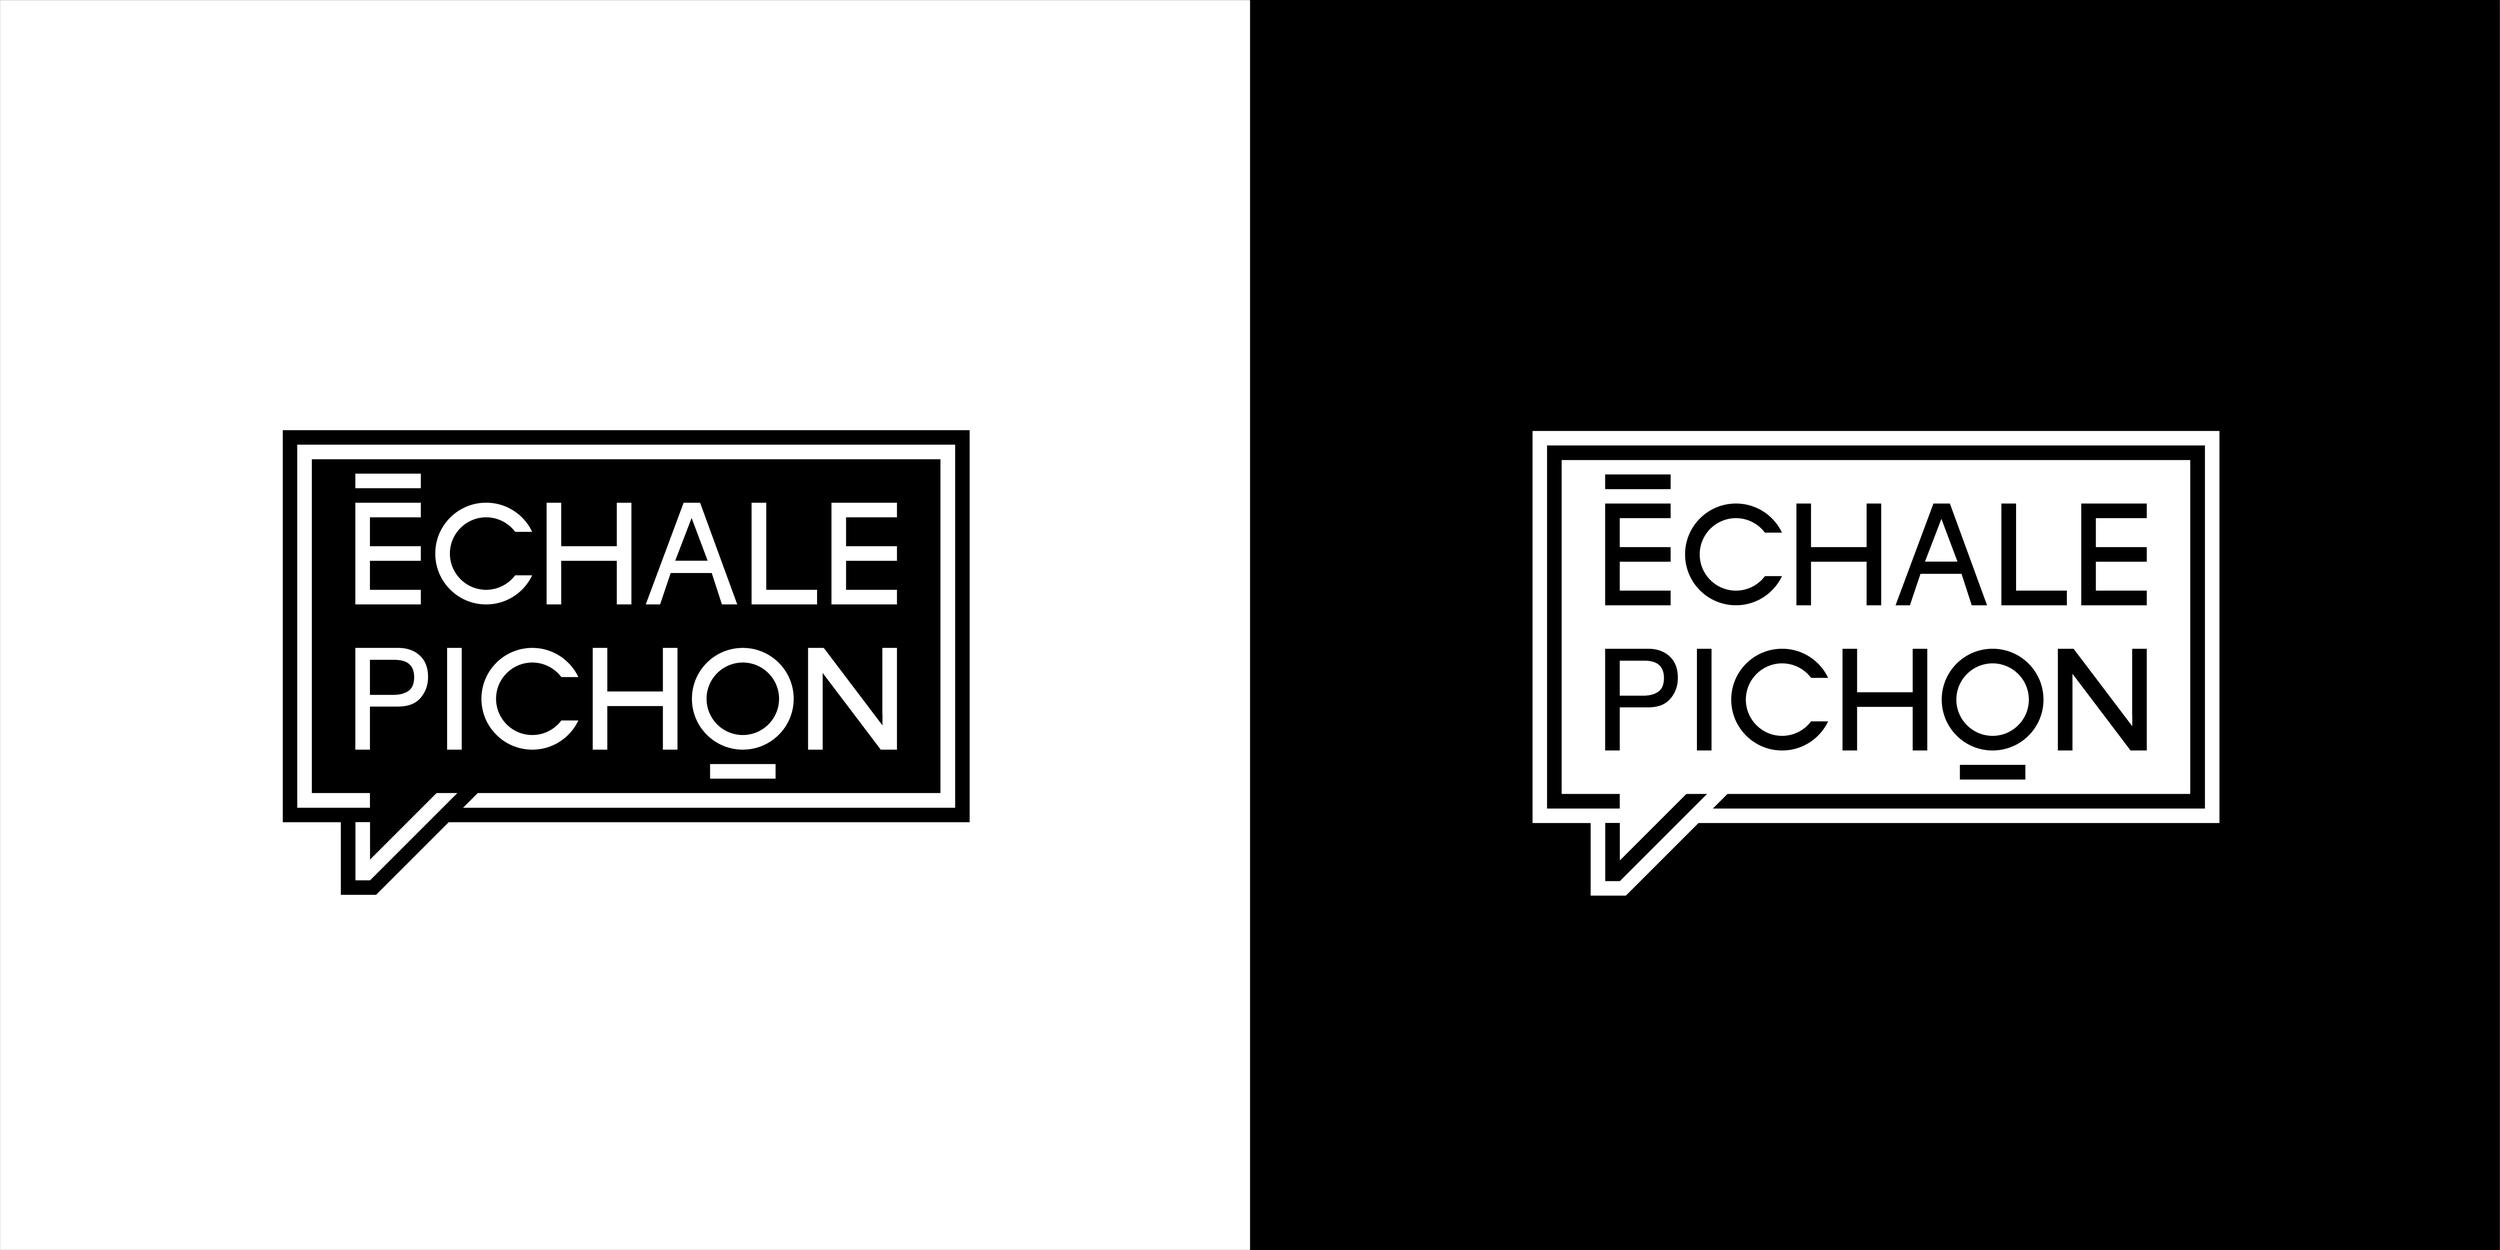 echale-pichon-02.png